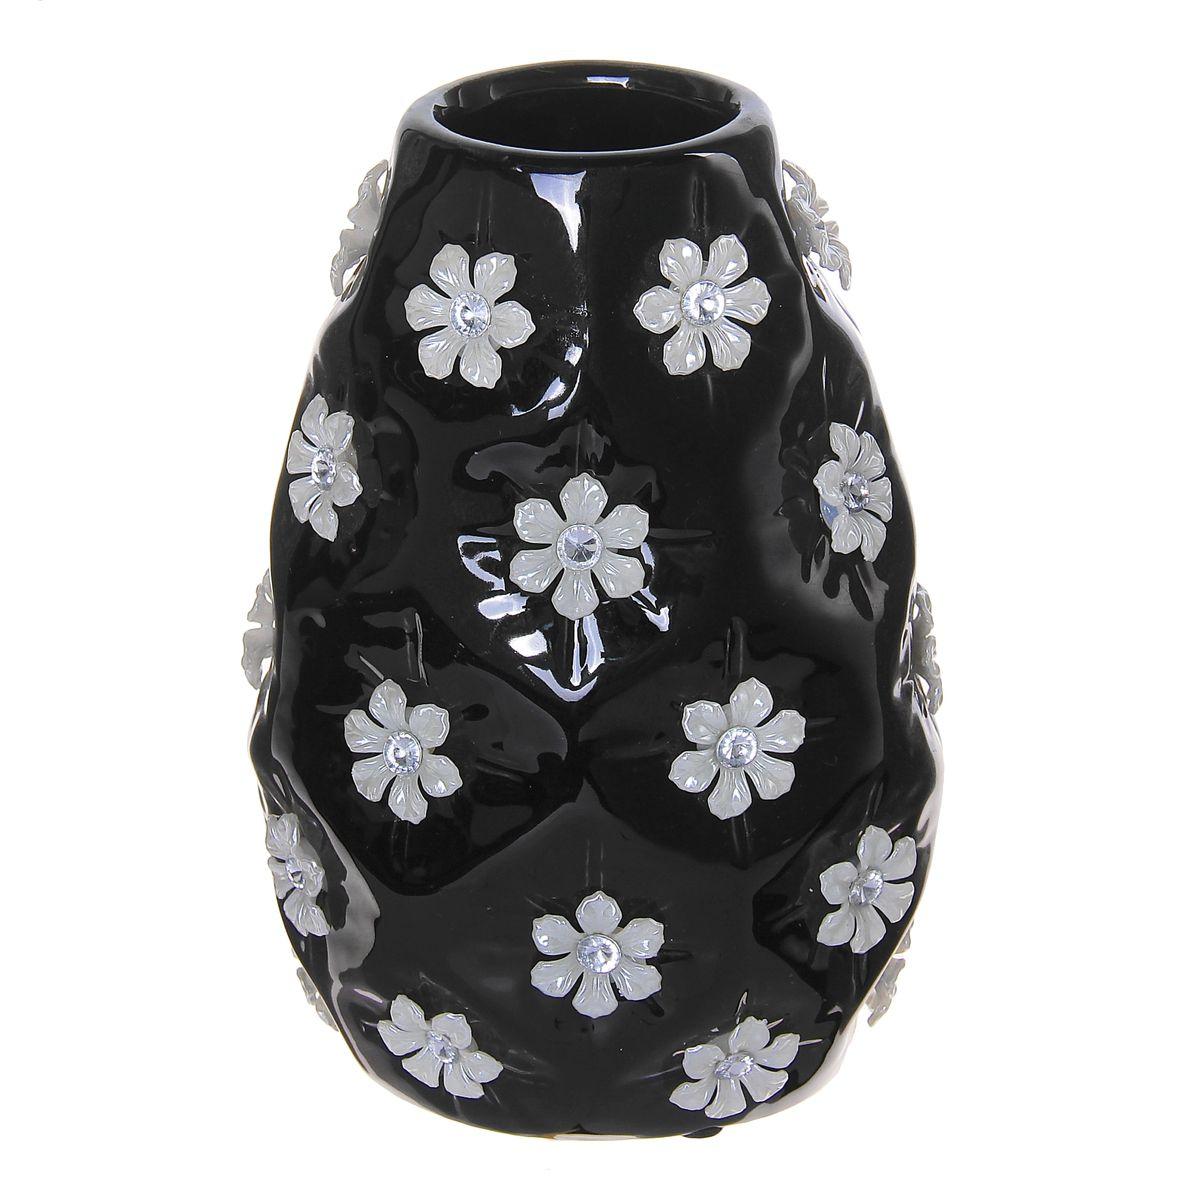 Ваза Цветочный дождь, цвет: черный, белый, 19 х 13 х 10,5 см. 866197866197Элегантная ваза Цветочный дождь выполнена из высококачественной керамики. Изделие имеет рельефную поверхность, декорировано цветами. Оригинальный дизайн вазы придется по вкусу и ценителям классики, и тем, кто предпочитает утонченность и изящность. Вы можете поставить вазу в любом месте, где она будет удачно смотреться и радовать глаз. Такая ваза подойдет и для цветов, и для декора интерьера. Кроме того - это отличный вариант подарка для ваших близких и друзей.